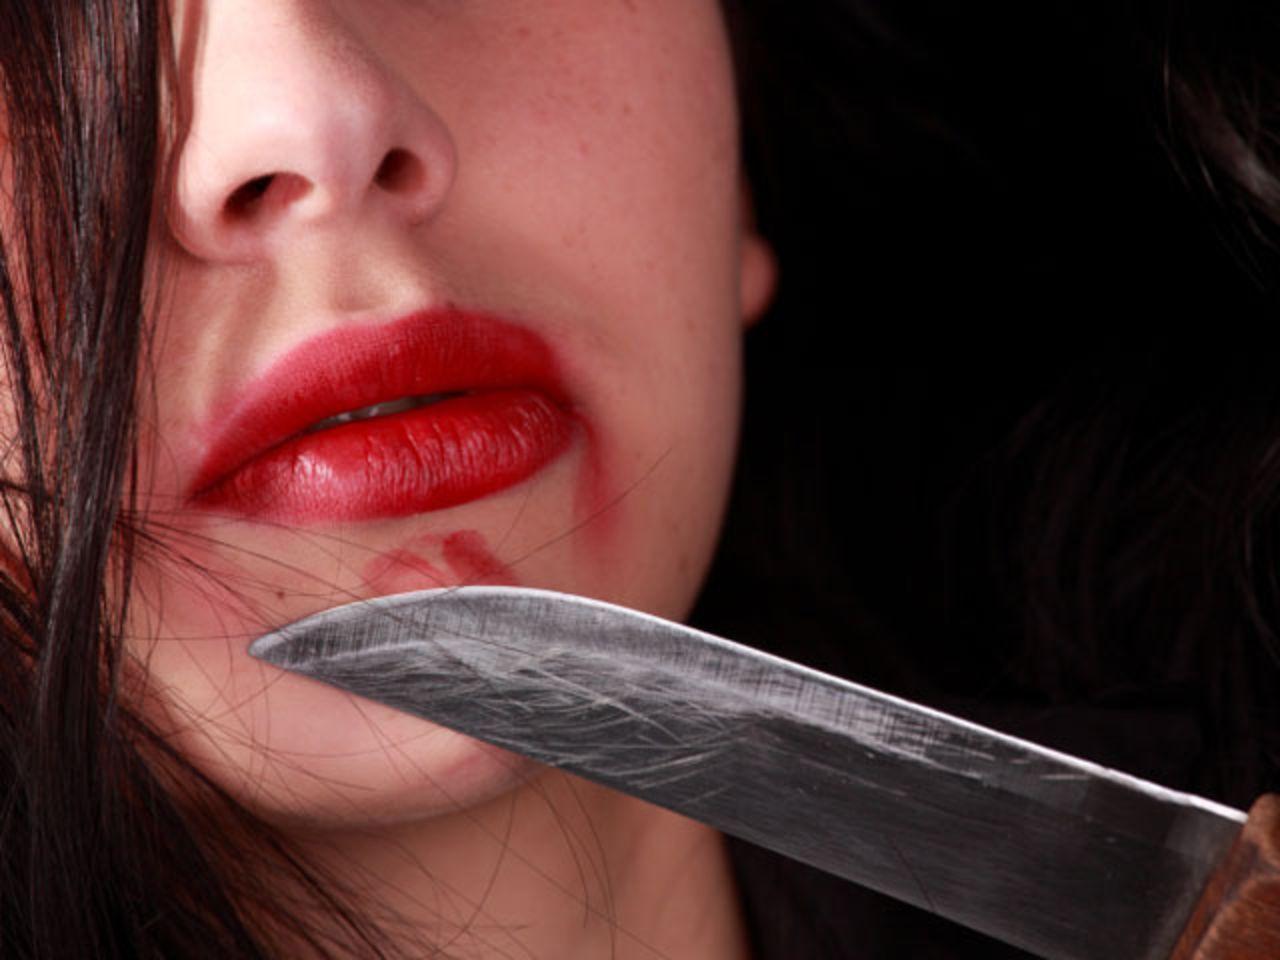 ВАбинском районе мужчина убил новейшую знакомую 20 ударами ножа